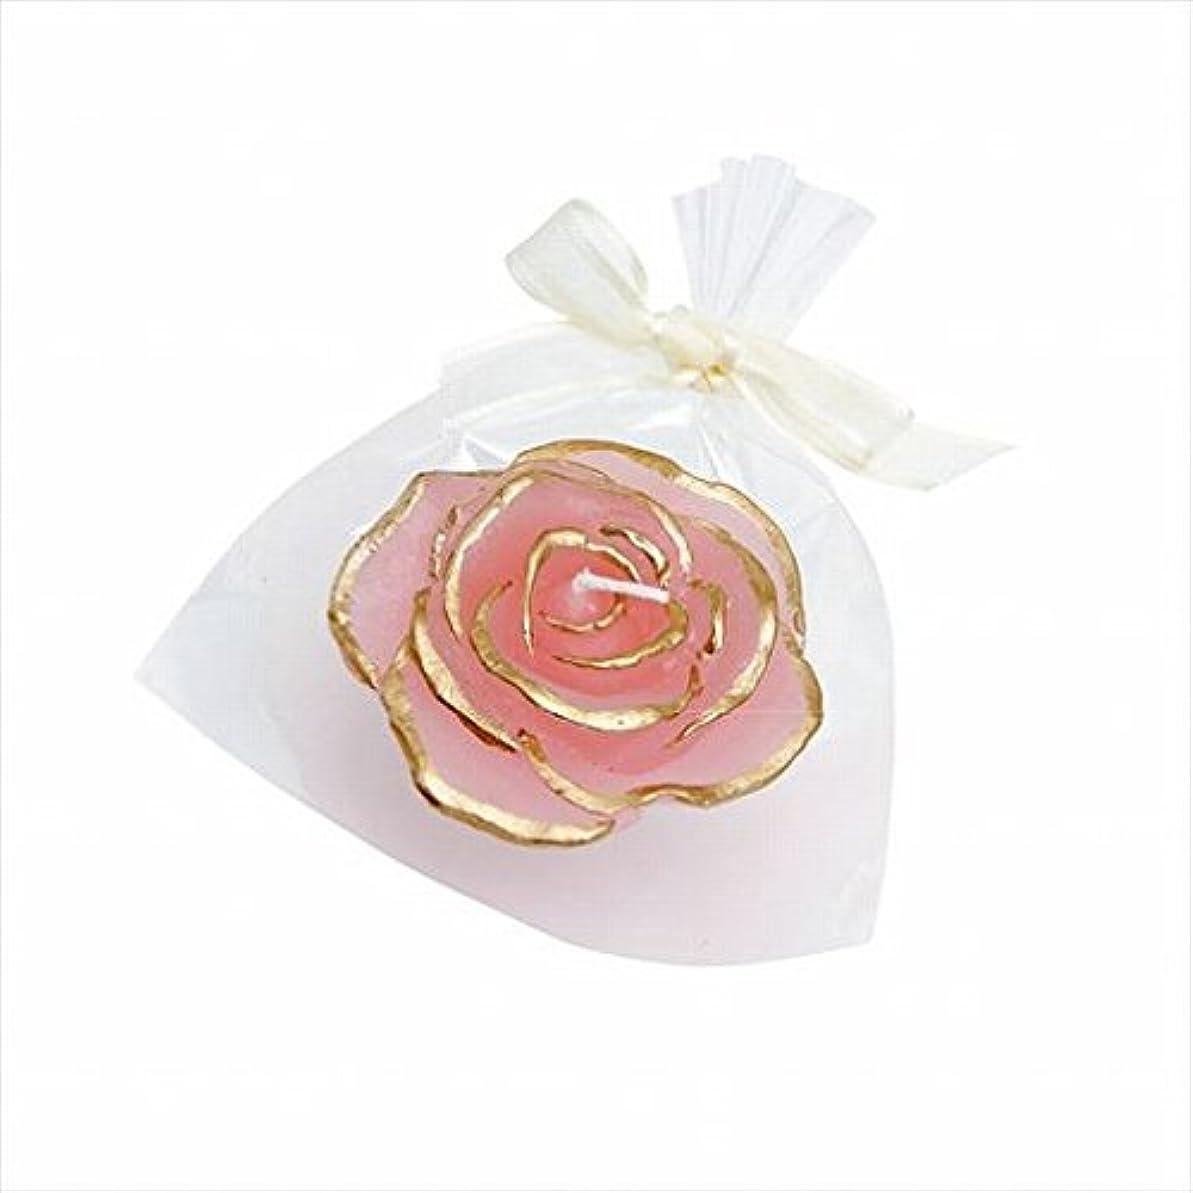 走る追加影カメヤマキャンドル(kameyama candle) プリンセスローズ 「 ピンク 」